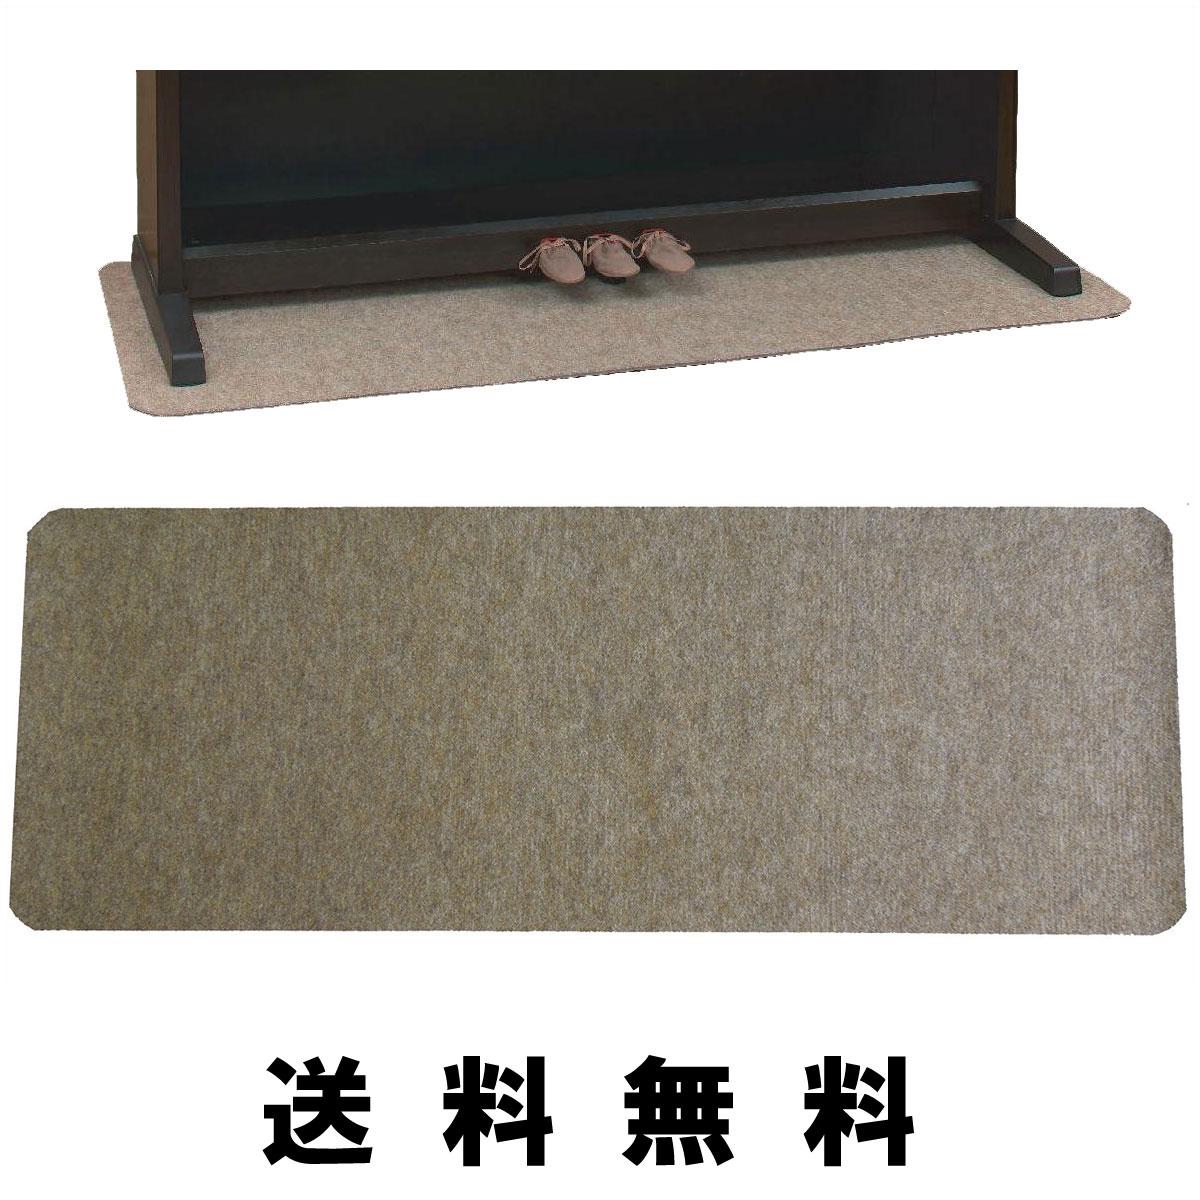 【送料無料】電子ピアノ用 防音マット(防音絨毯) DP-FR メーカー:甲南 [床のキズ防止や打鍵音削減]